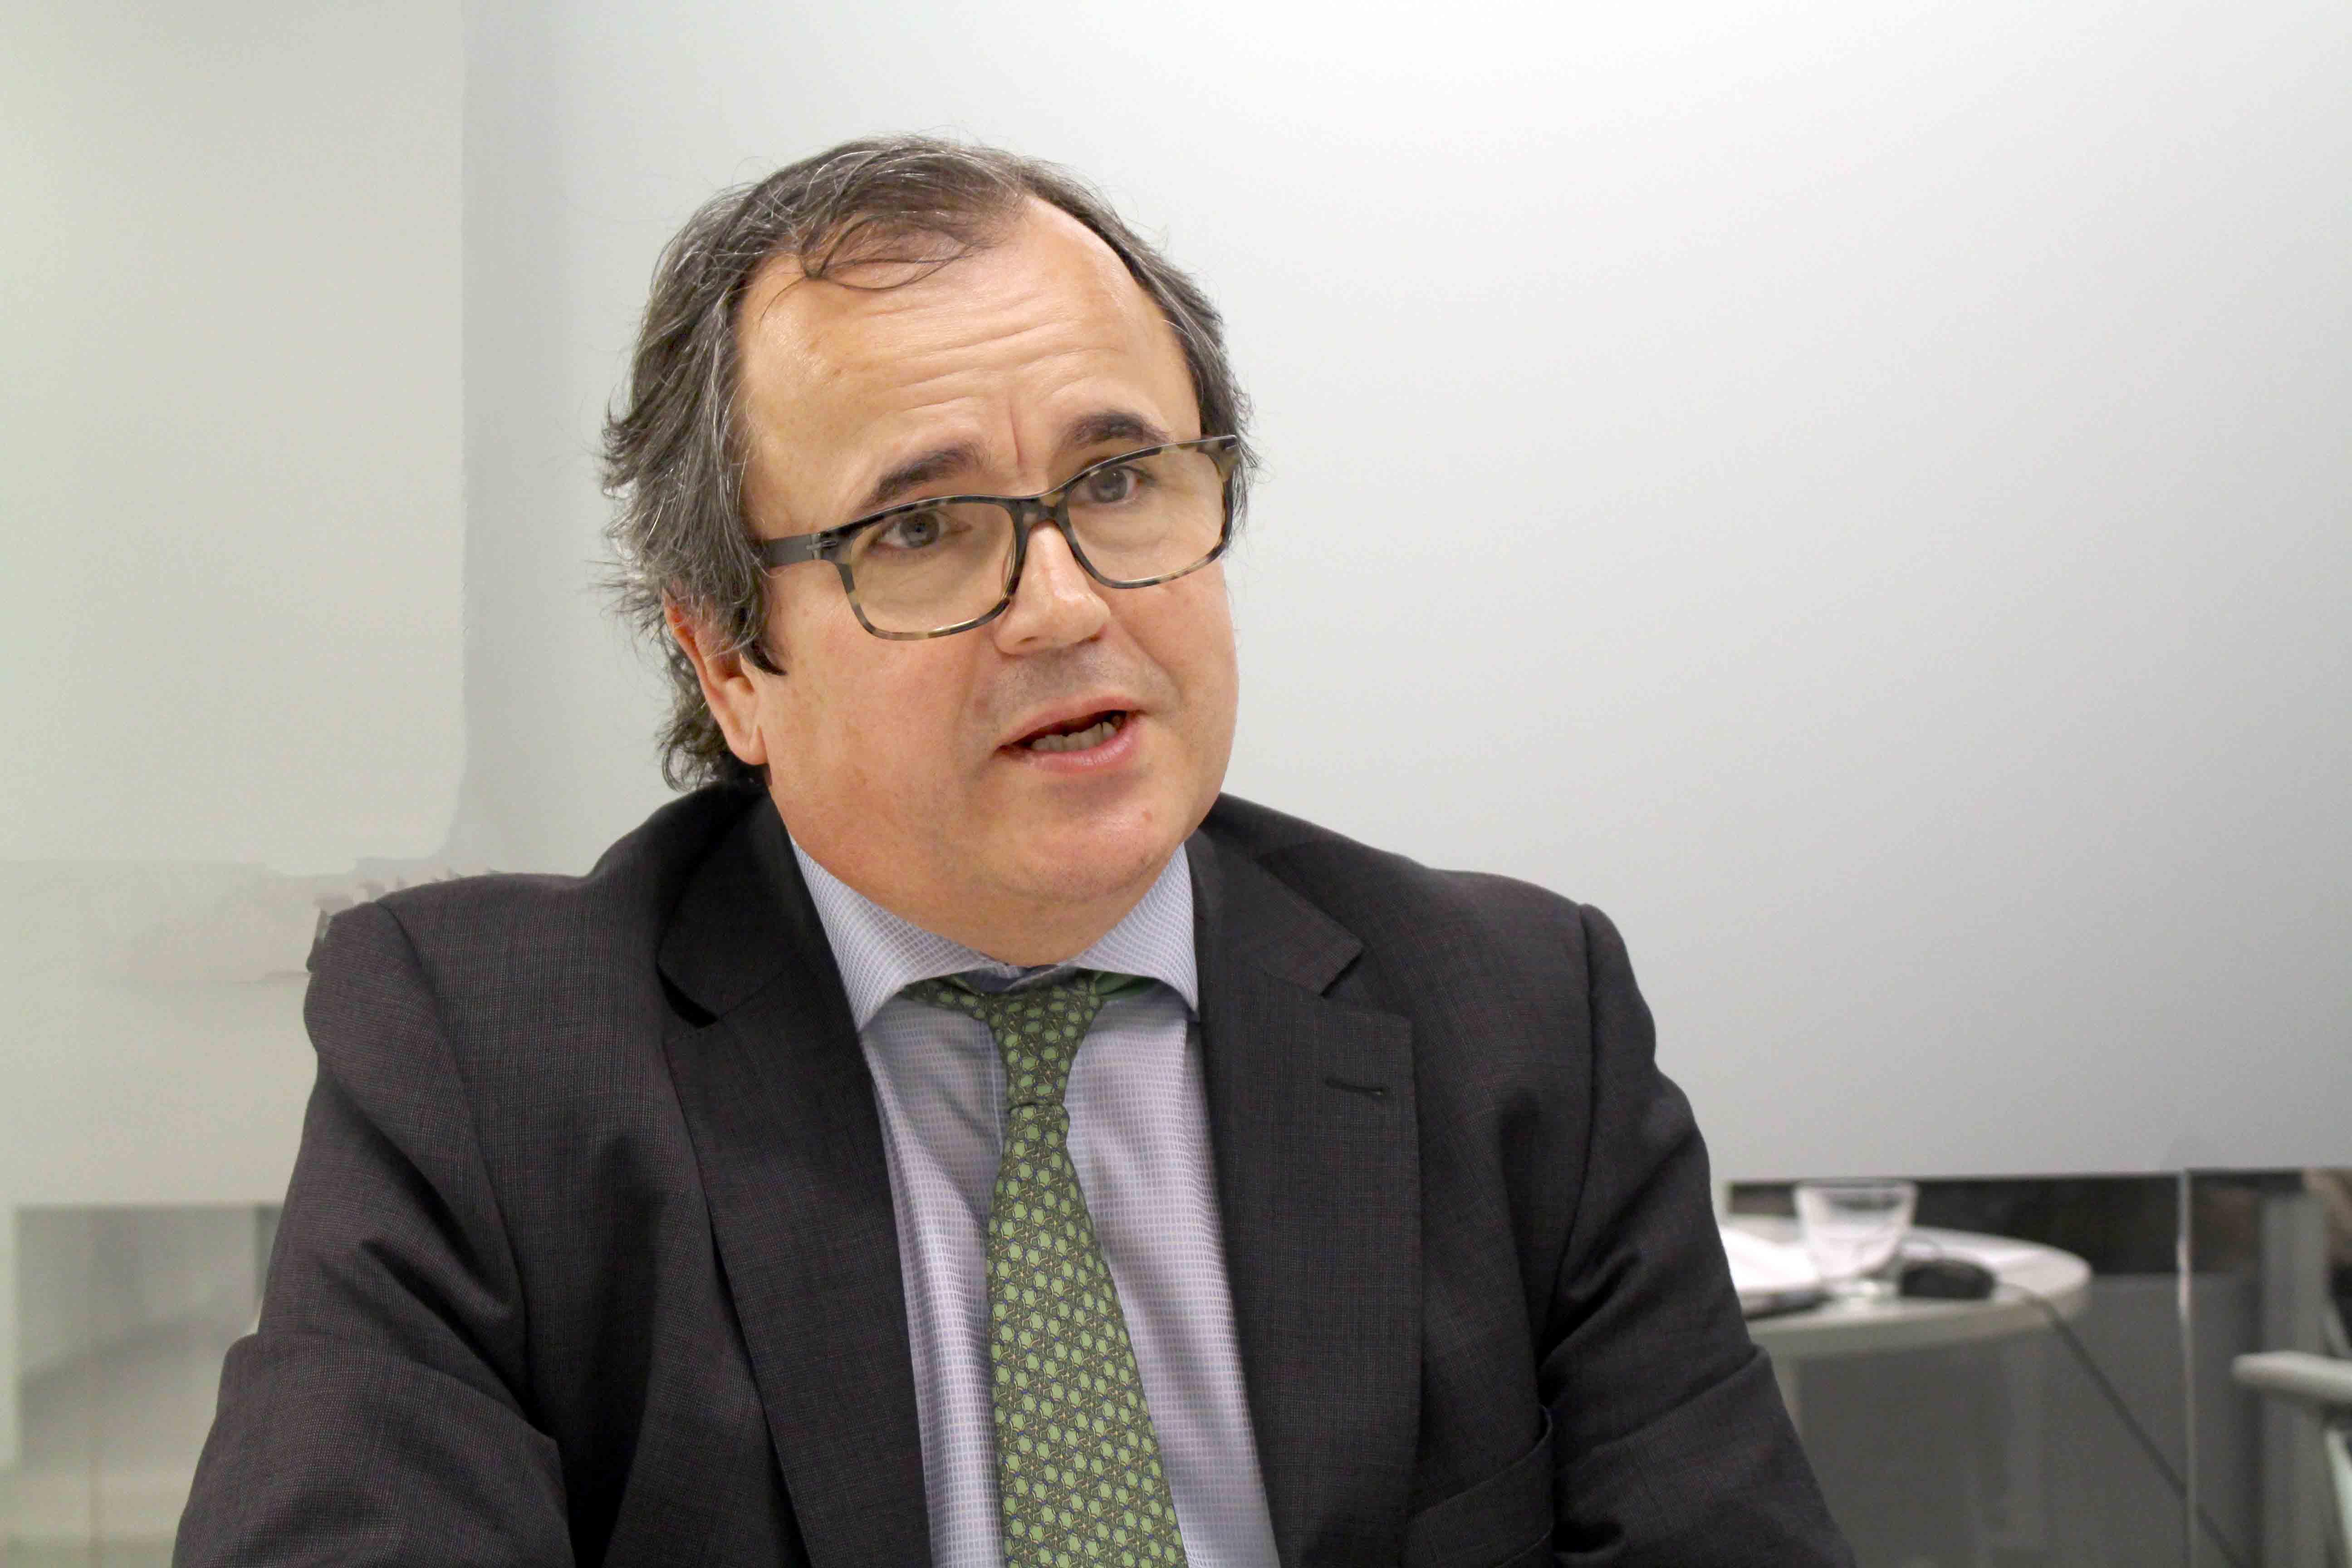 El Banco Sabadell busca candidatos con liderazgo, trabajo en equipo, creatividad y flexibilidad.